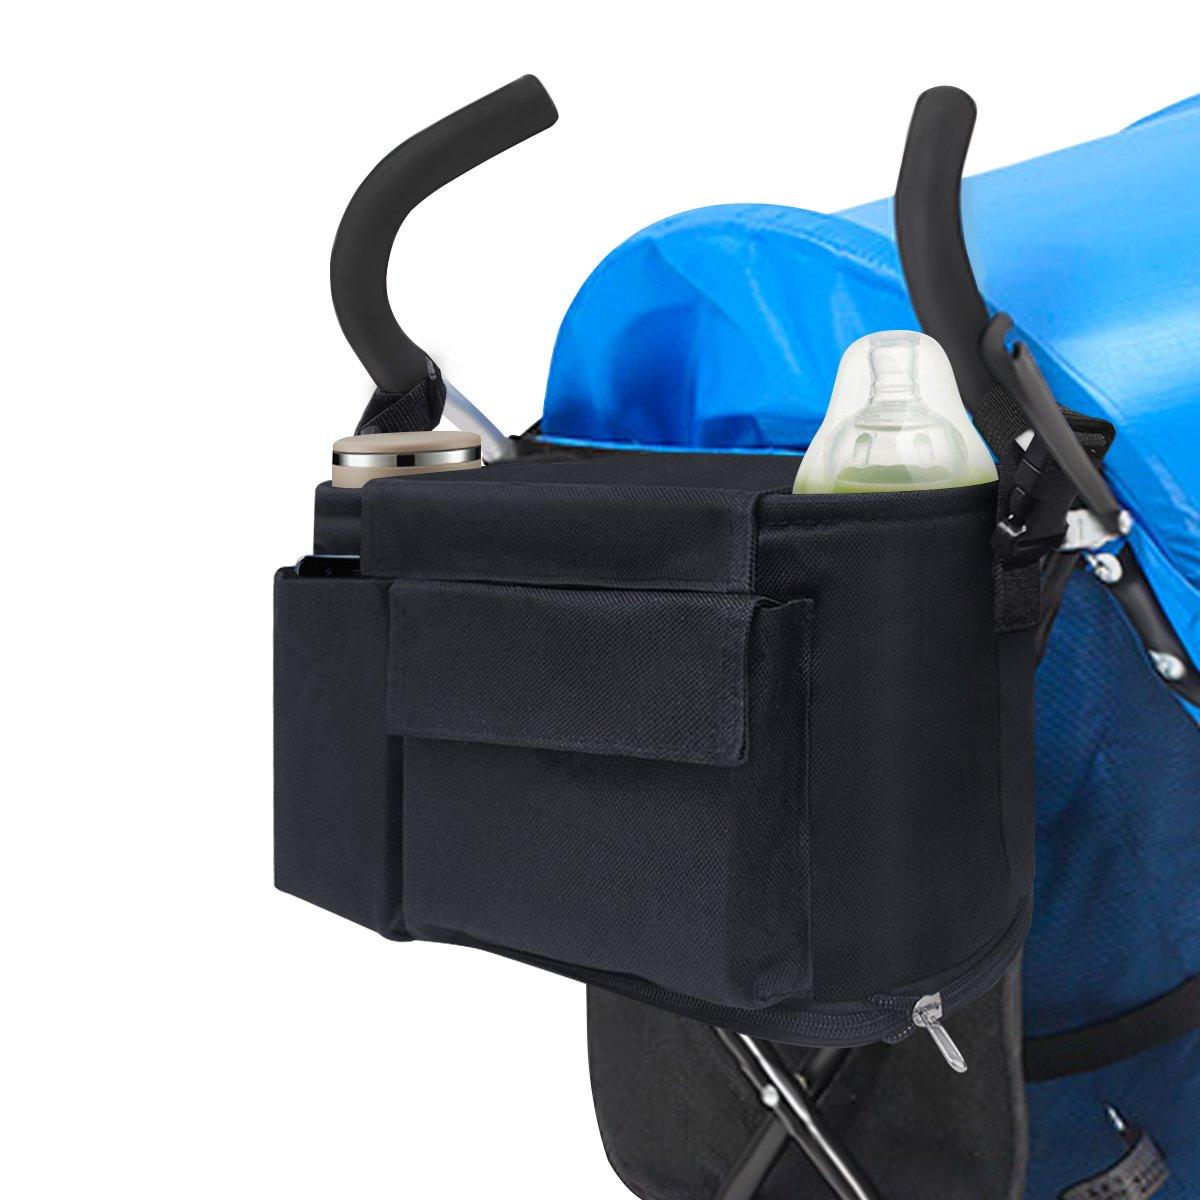 Bolsa organizadora para cochecito de bebé, 6 amLifestyle, bolsa de almacenamiento para cochecitos de bebé, bolsa de almacenamiento universal extragrande para madres inteligentes para guardar teléfonos, carteras, pañales, libros, juguetes, botellas de agua